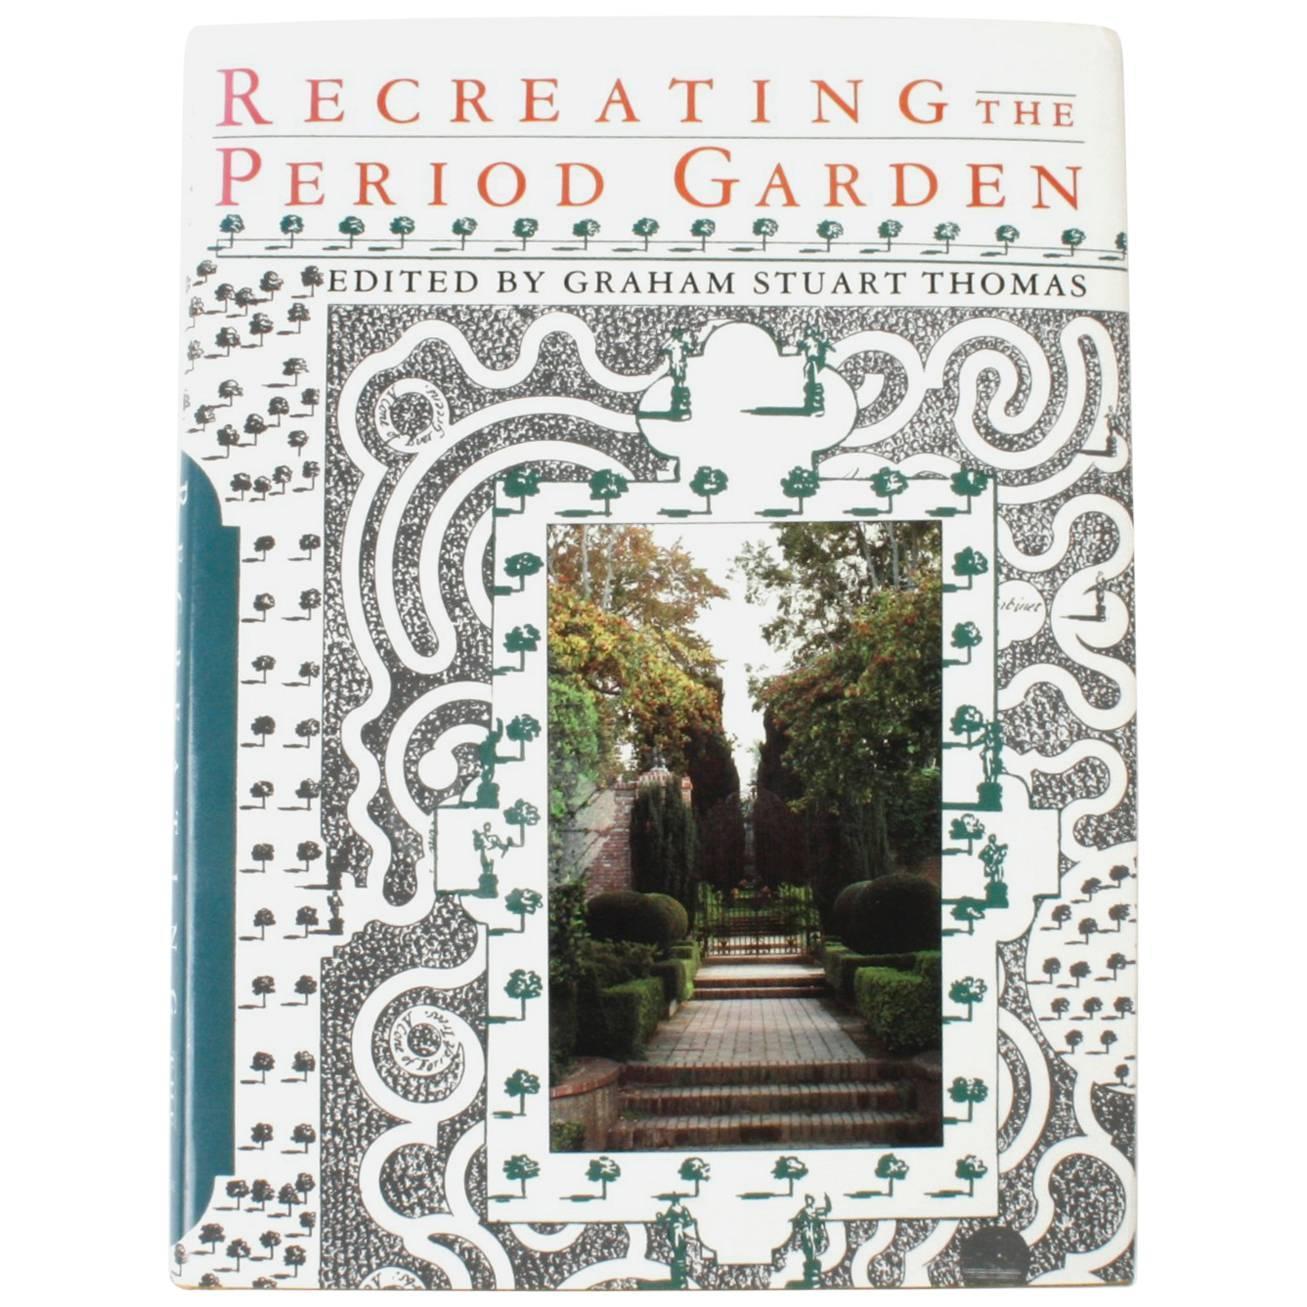 Recreating the Period Garden